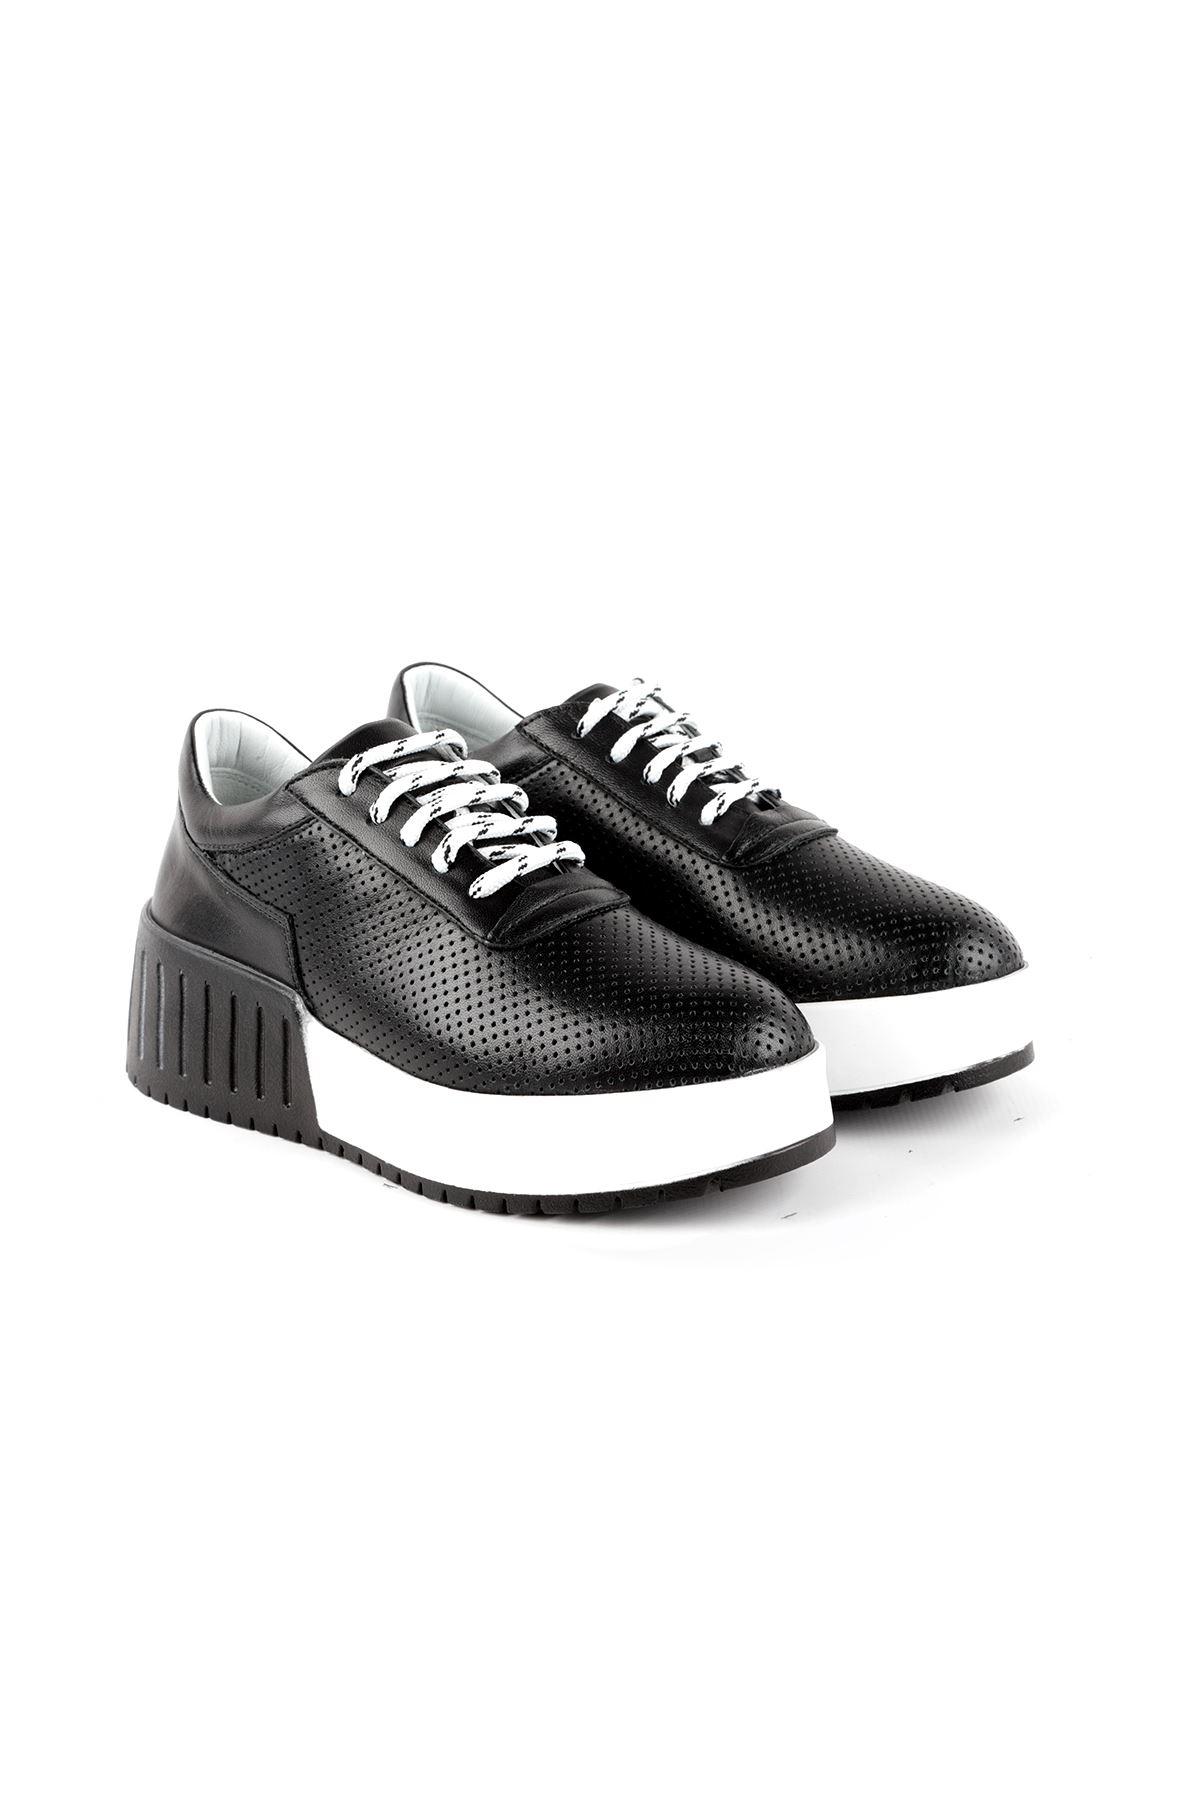 Libero L08.1039 Siyah Spor Ayakkabı